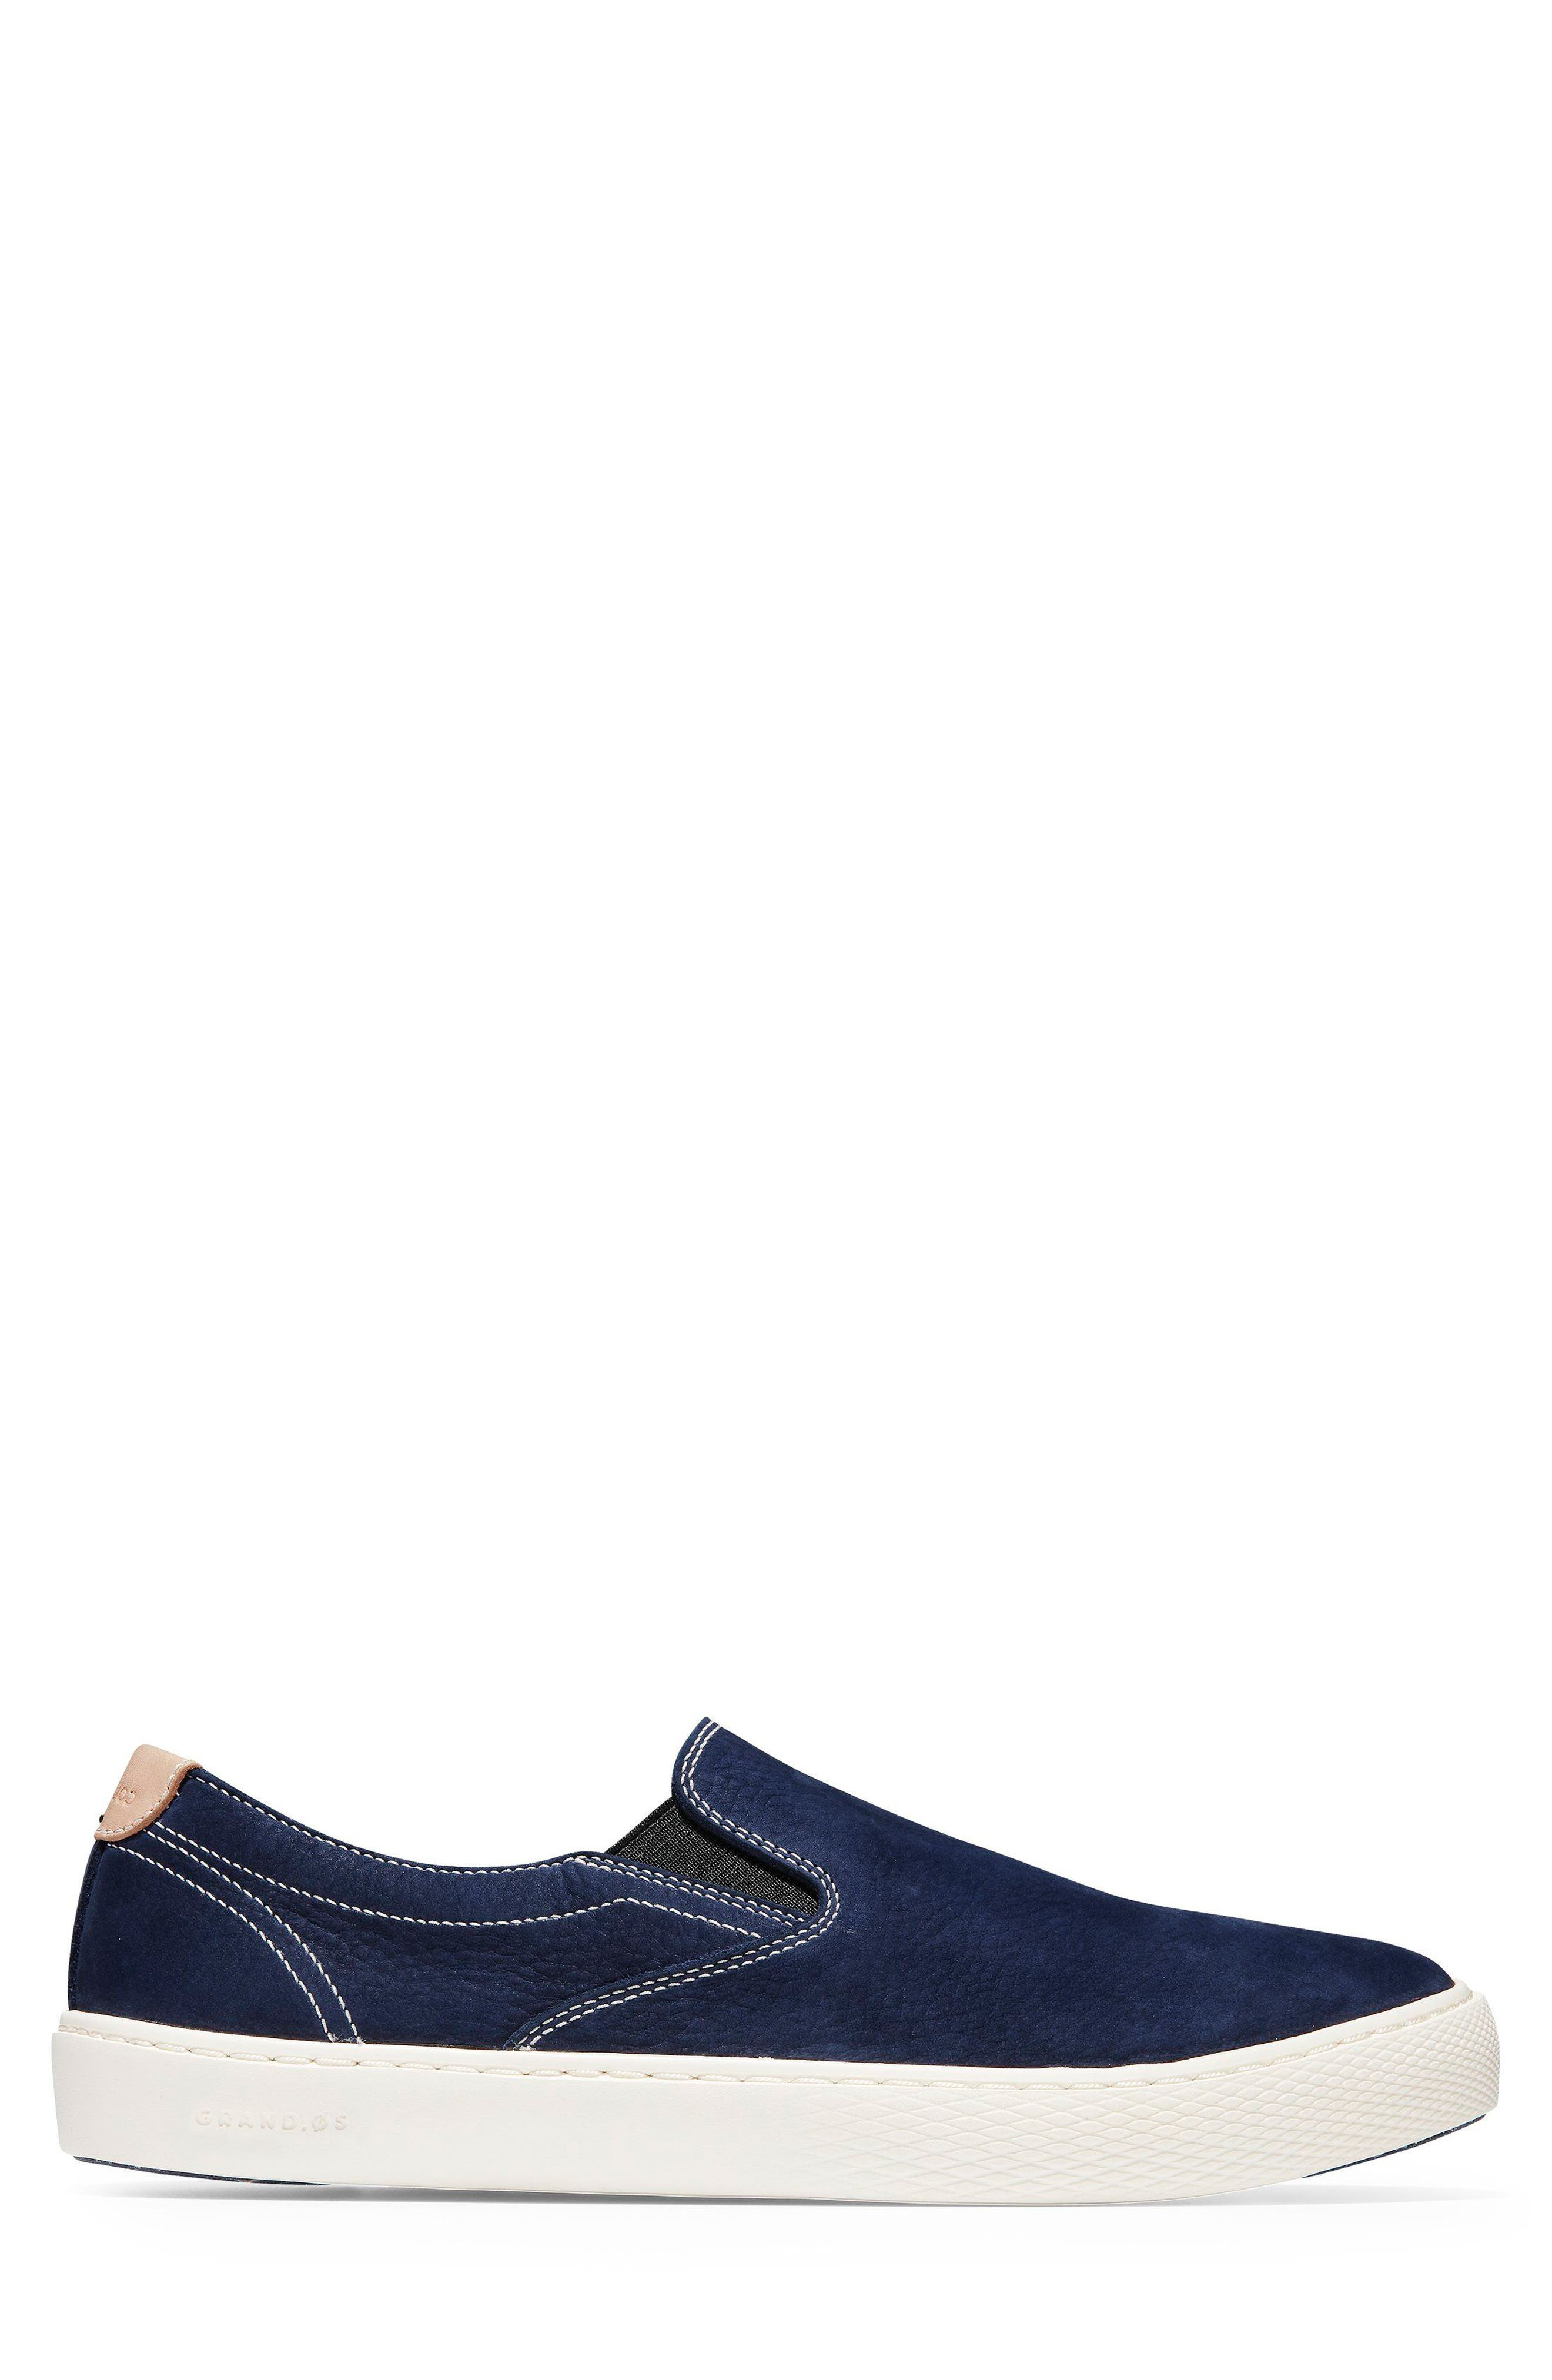 GrandPrø Deck Slip-On Sneaker,                             Alternate thumbnail 3, color,                             Marine Blue Nubuck